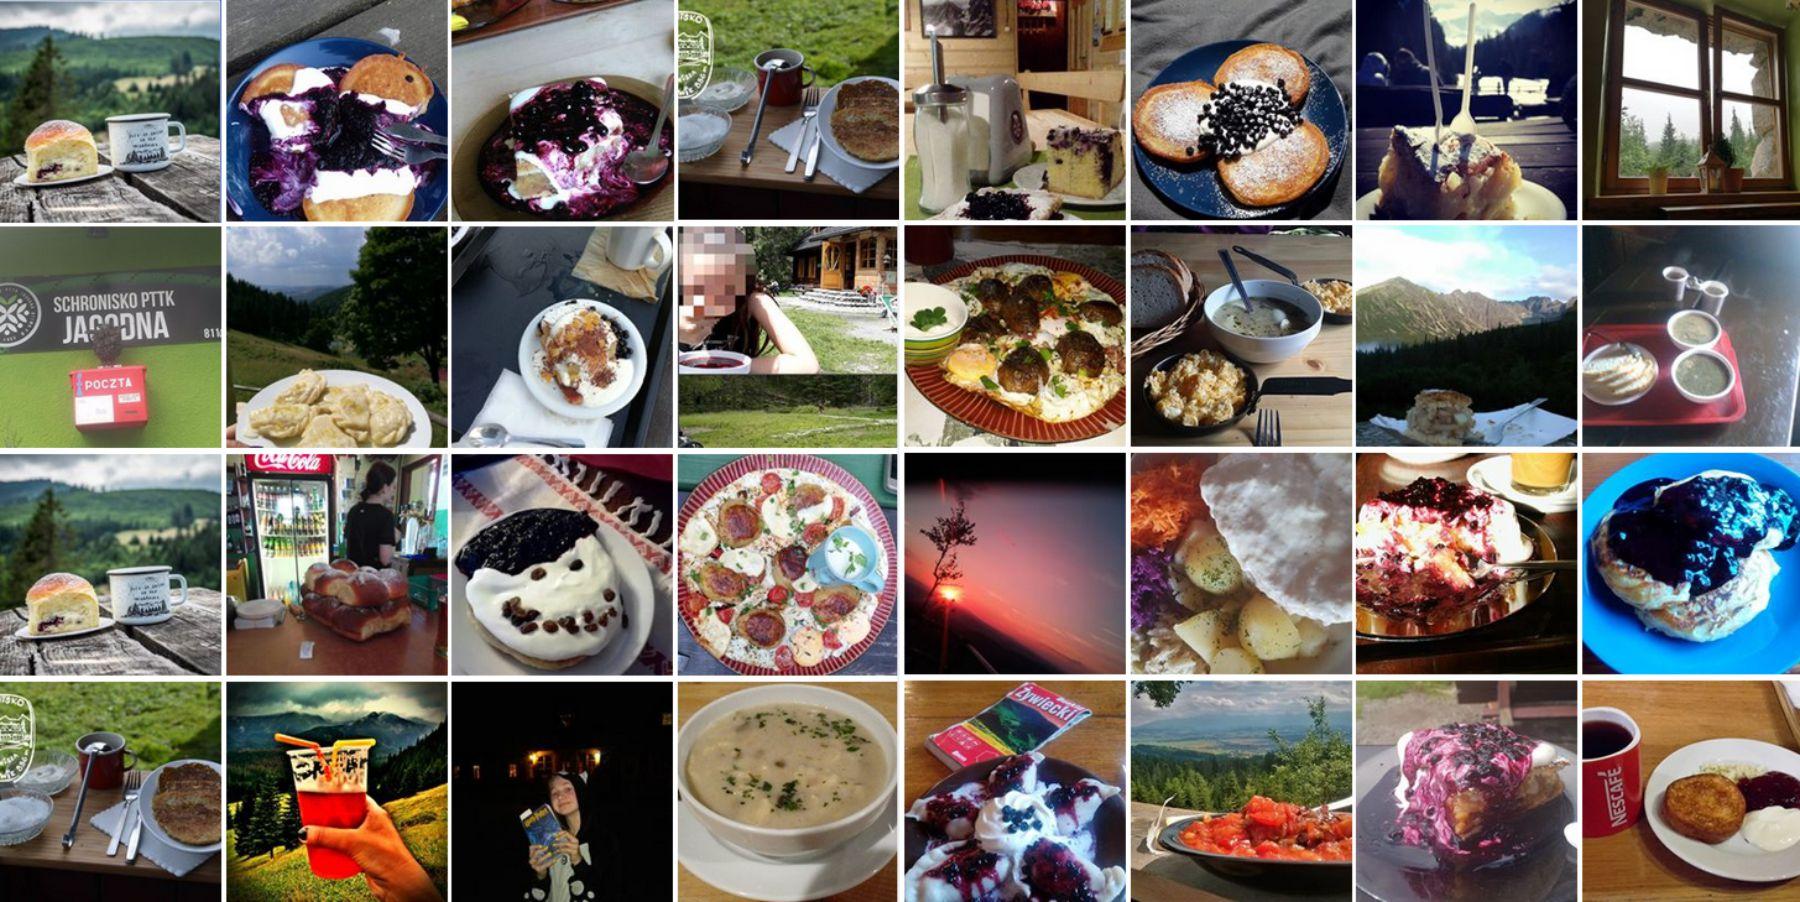 Konkurs kulinarne specjały górskich schronisk 2018 wyniki